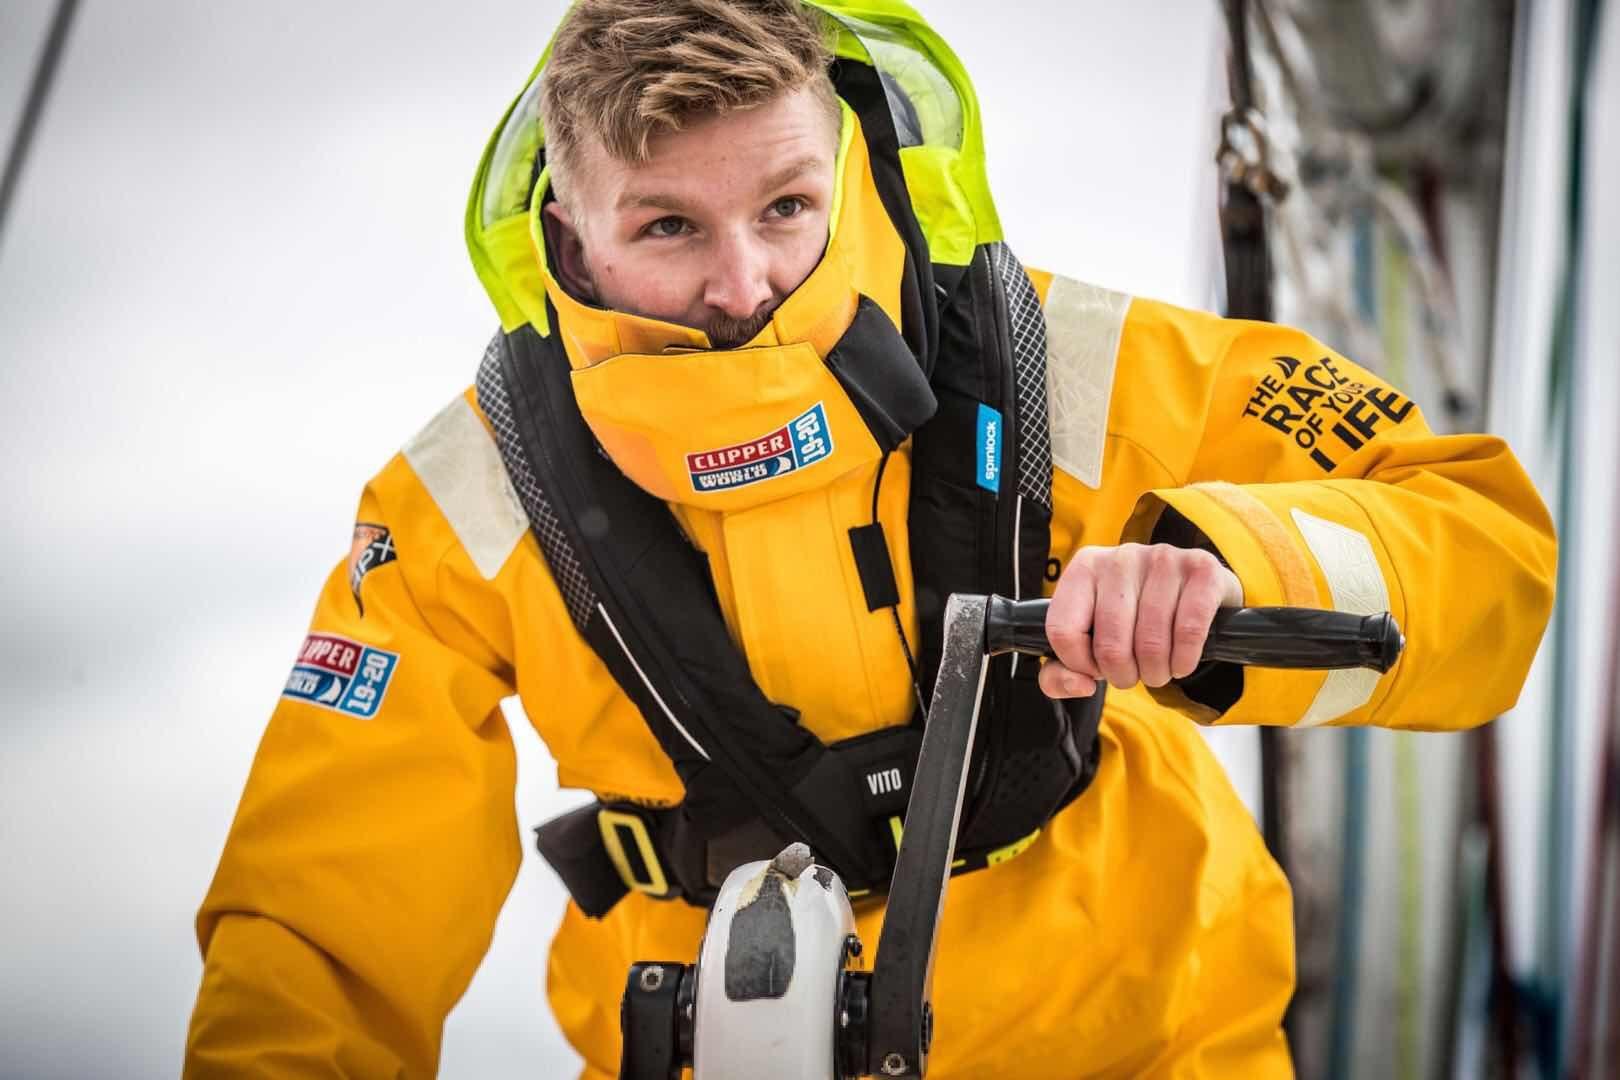 克利伯环球帆船赛宣布Spinlock 为未来2019-20和2021-22两个赛季的救生衣官方供应商